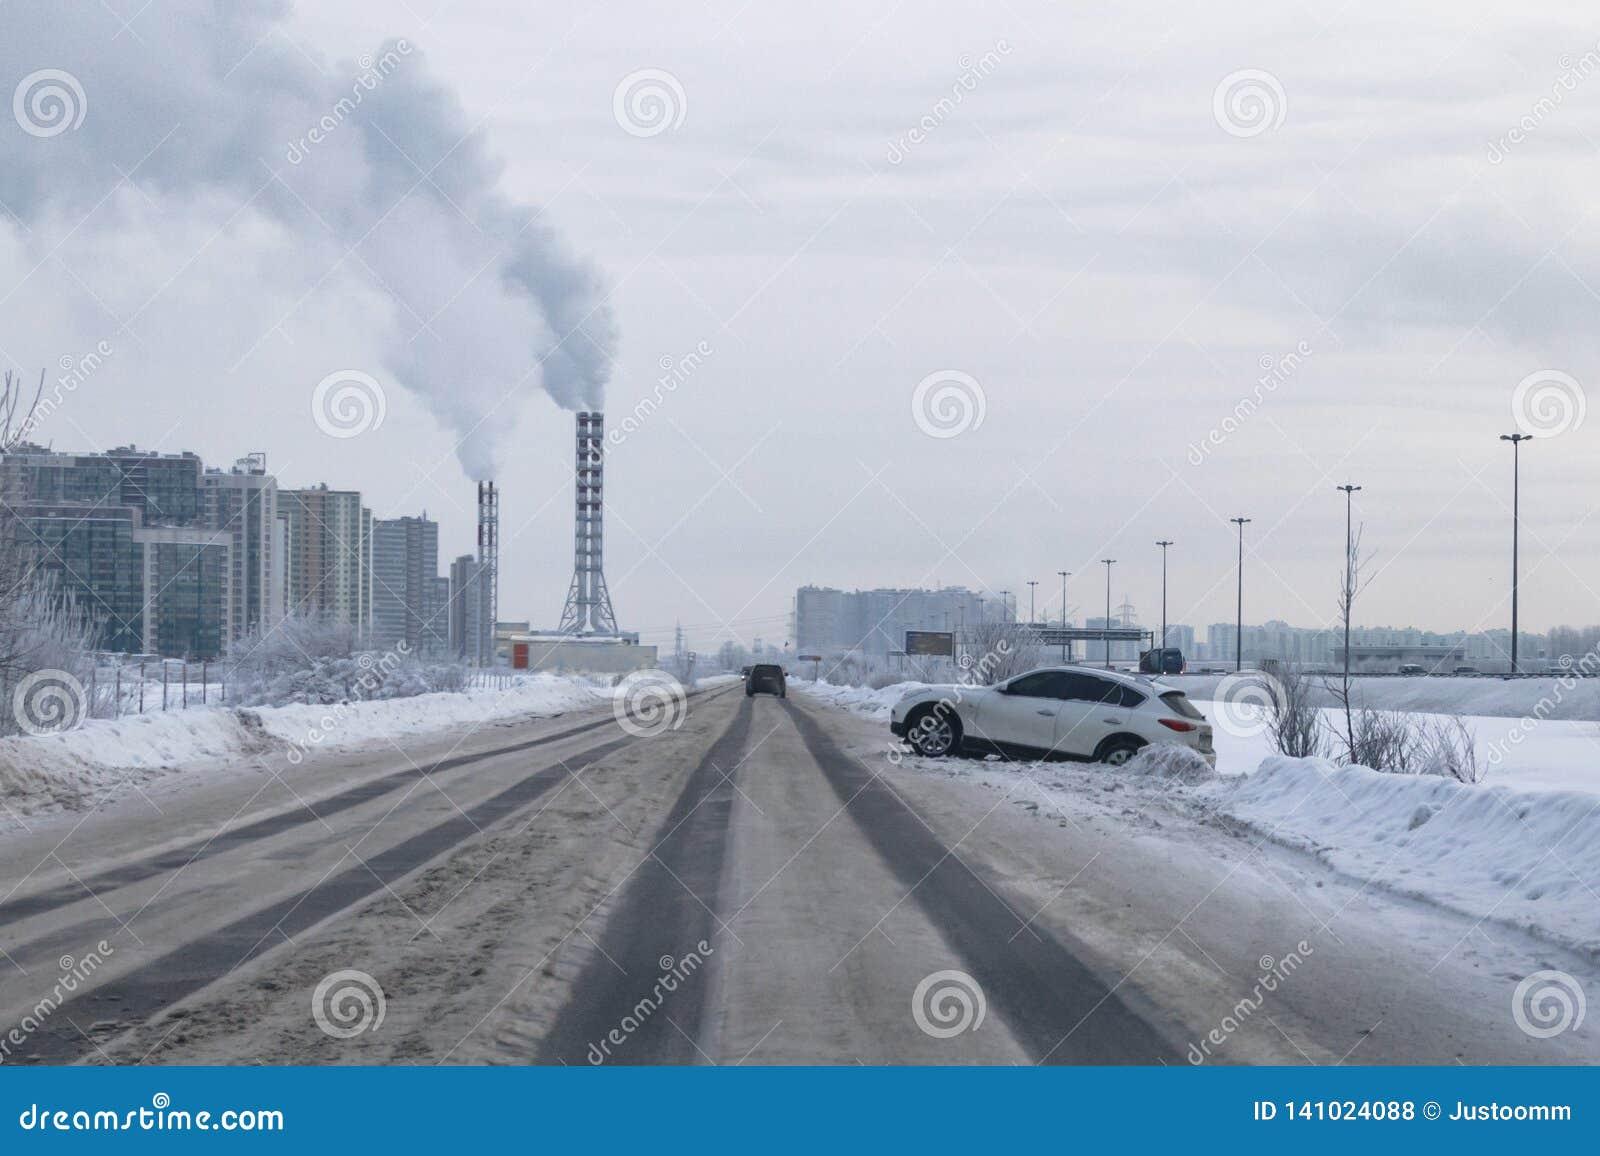 Dangerous roads in winter, traffic accidents in winter